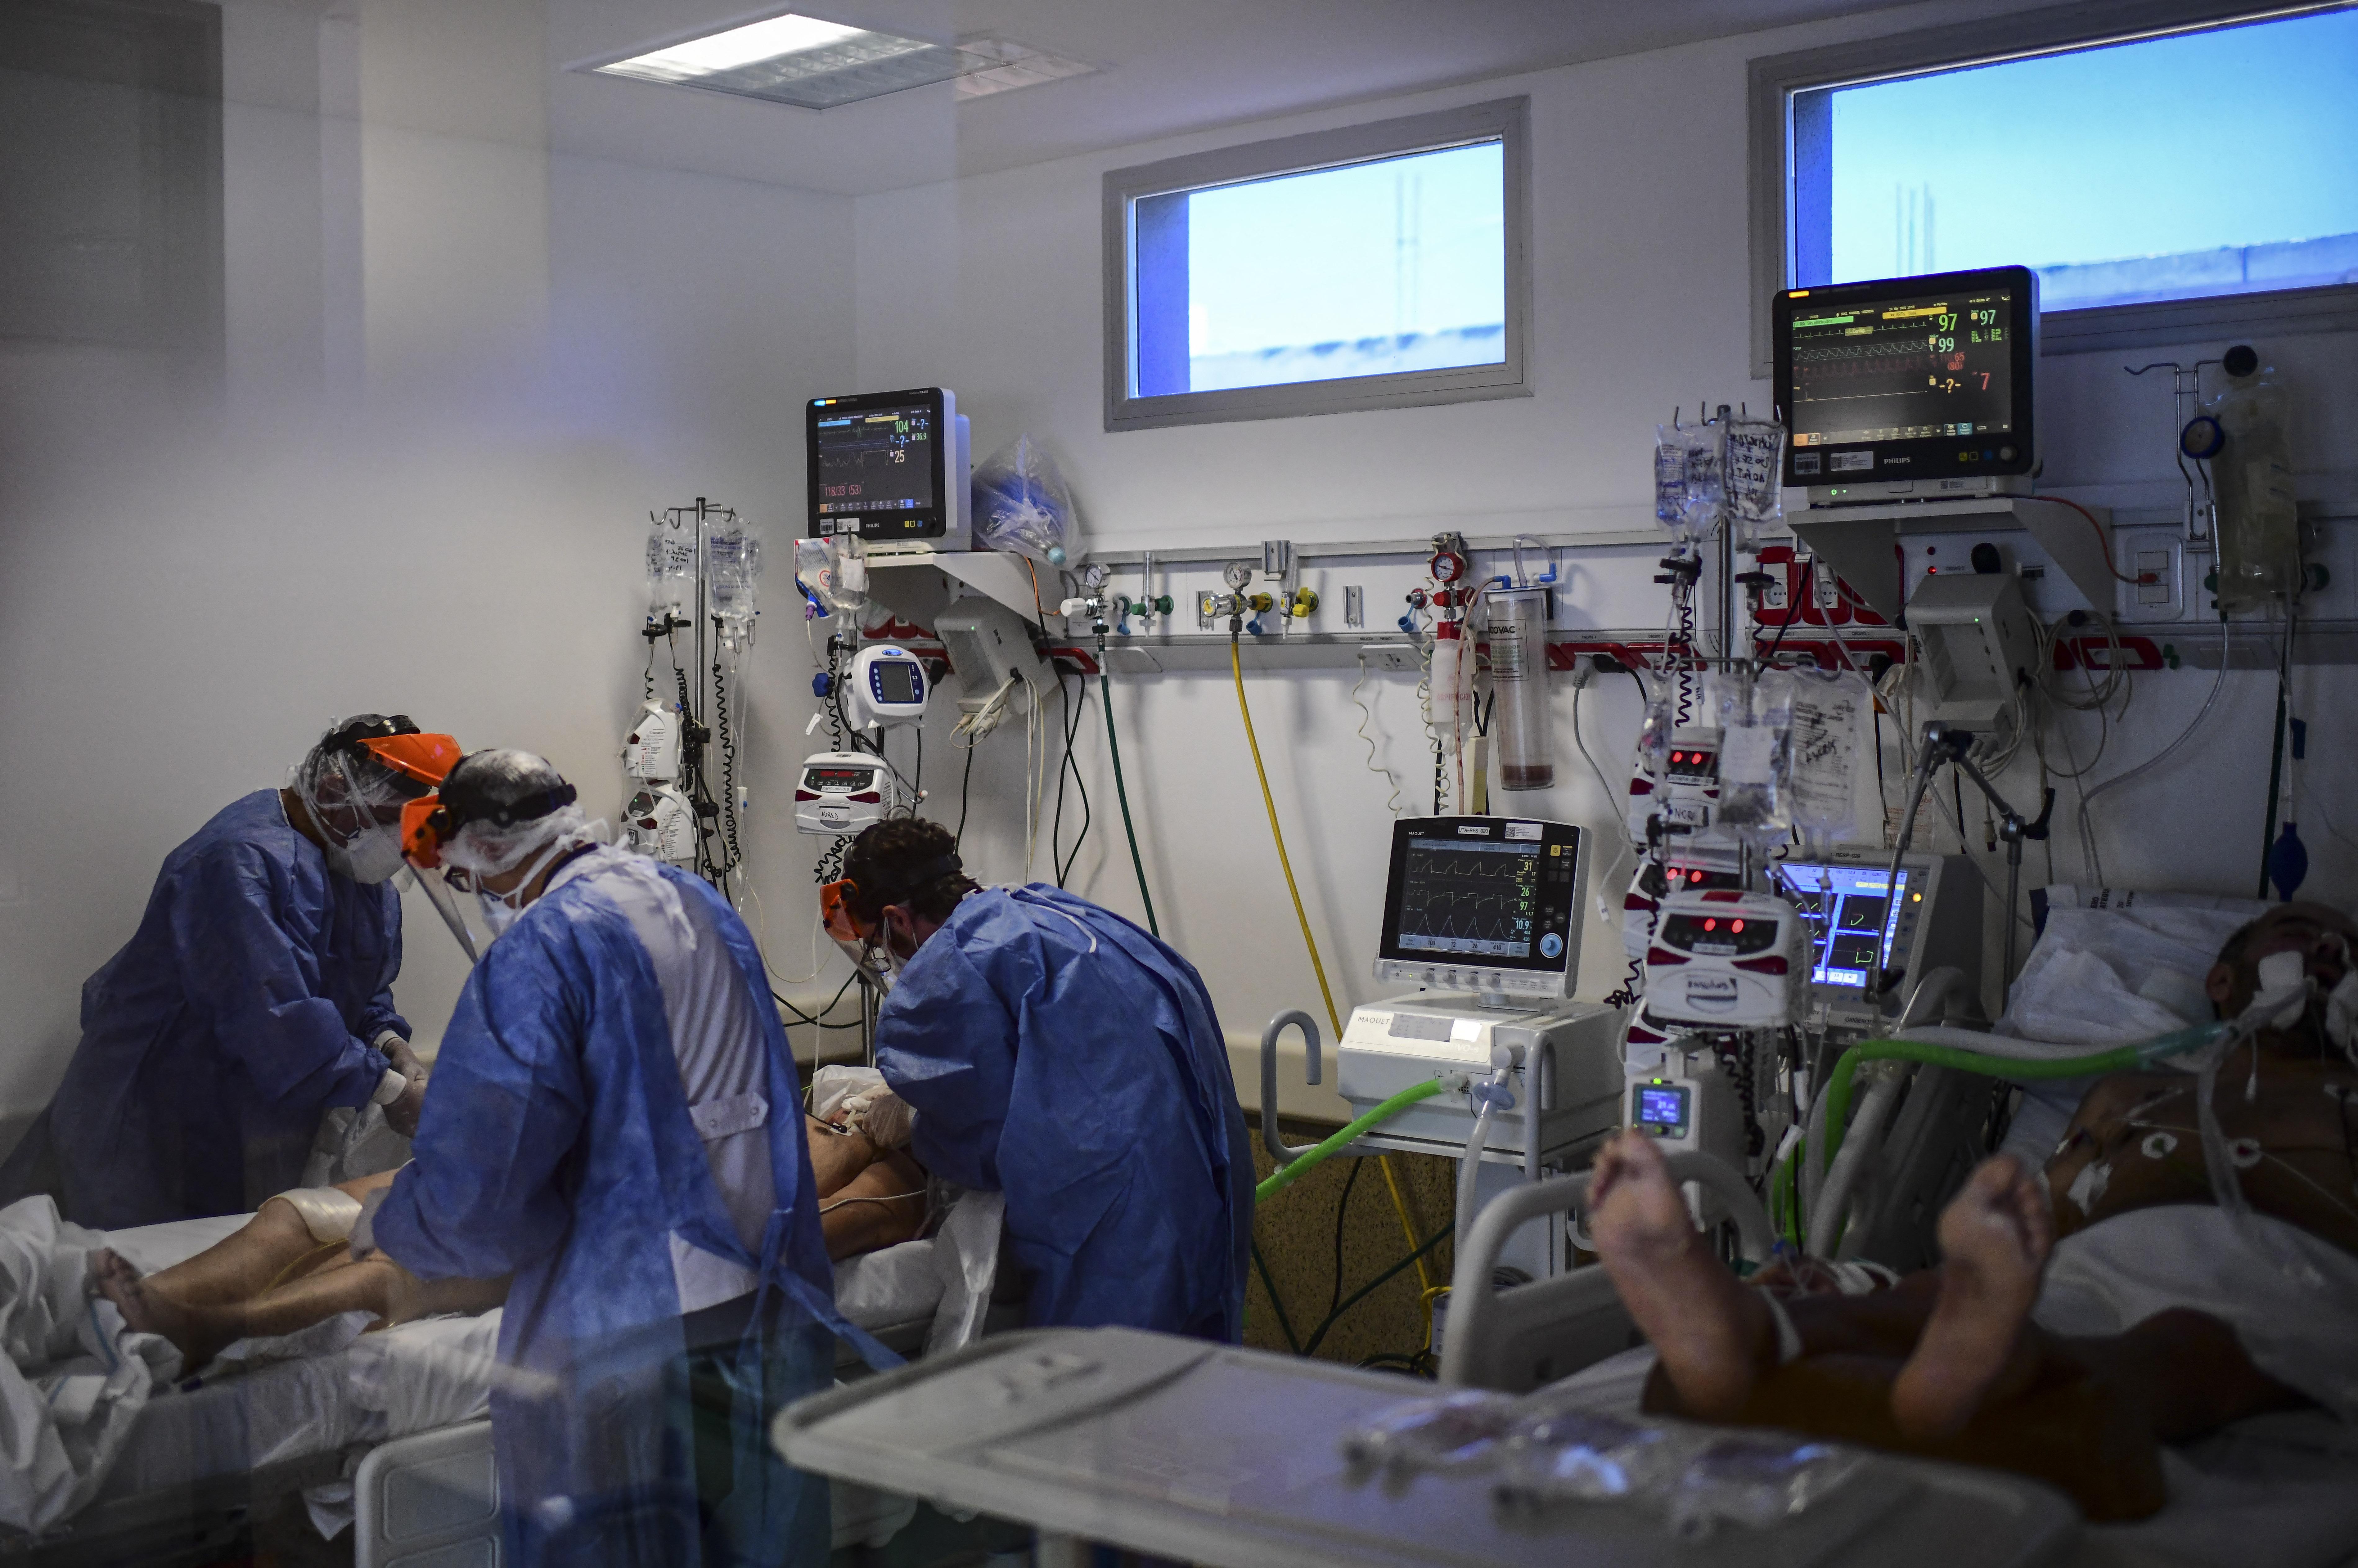 (O governo chinês ainda apelou para a cooperação internacional baseada nos fatos e na ciência para poder lidar com a pandemia. Foto: RONALDO SCHEMIDT / AFP)